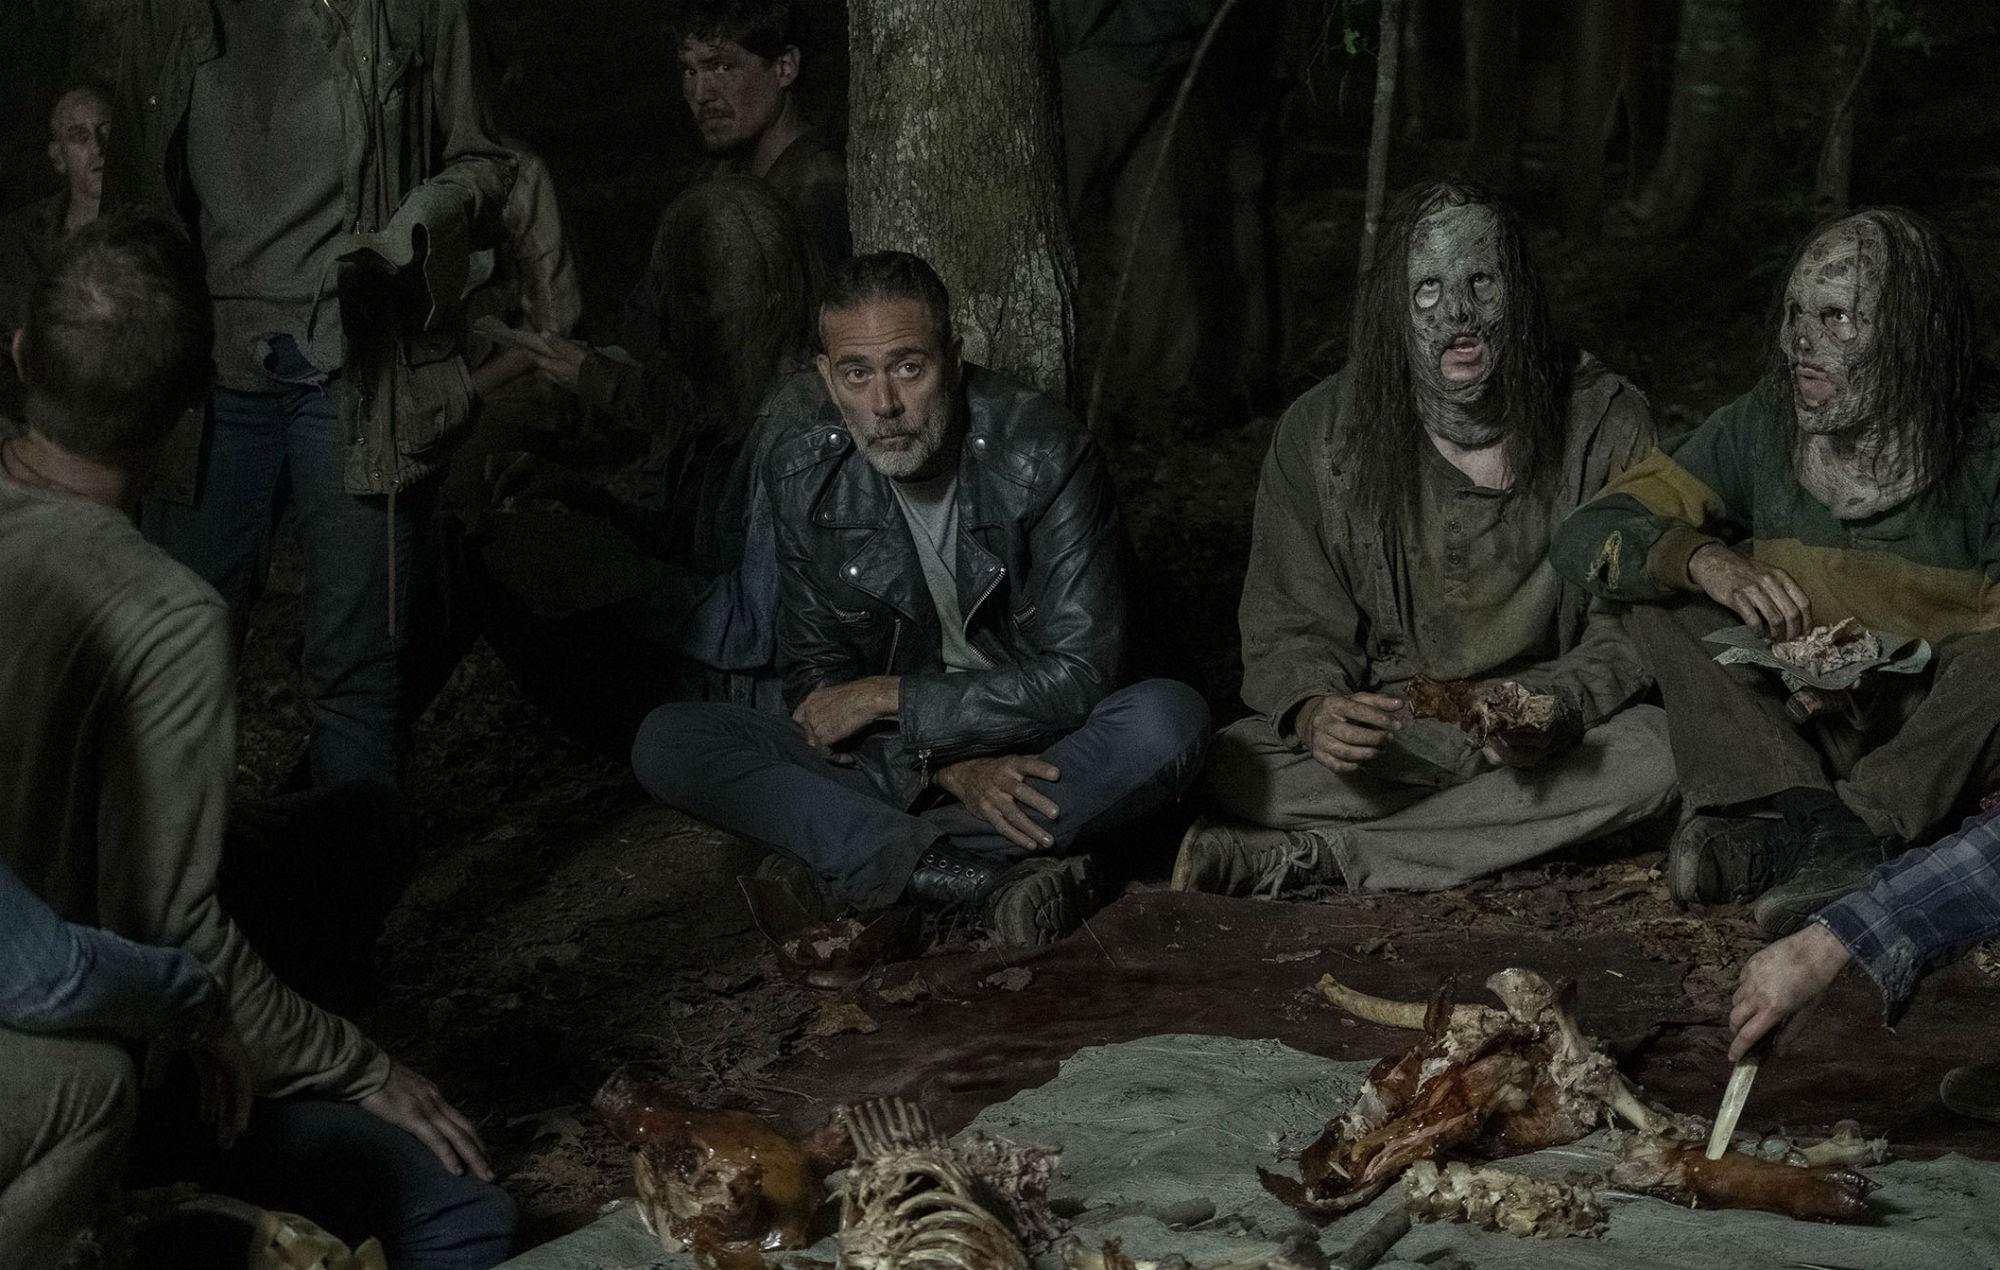 """'The Walking Dead': Fans shocked by """"disturbing"""" sex scene"""